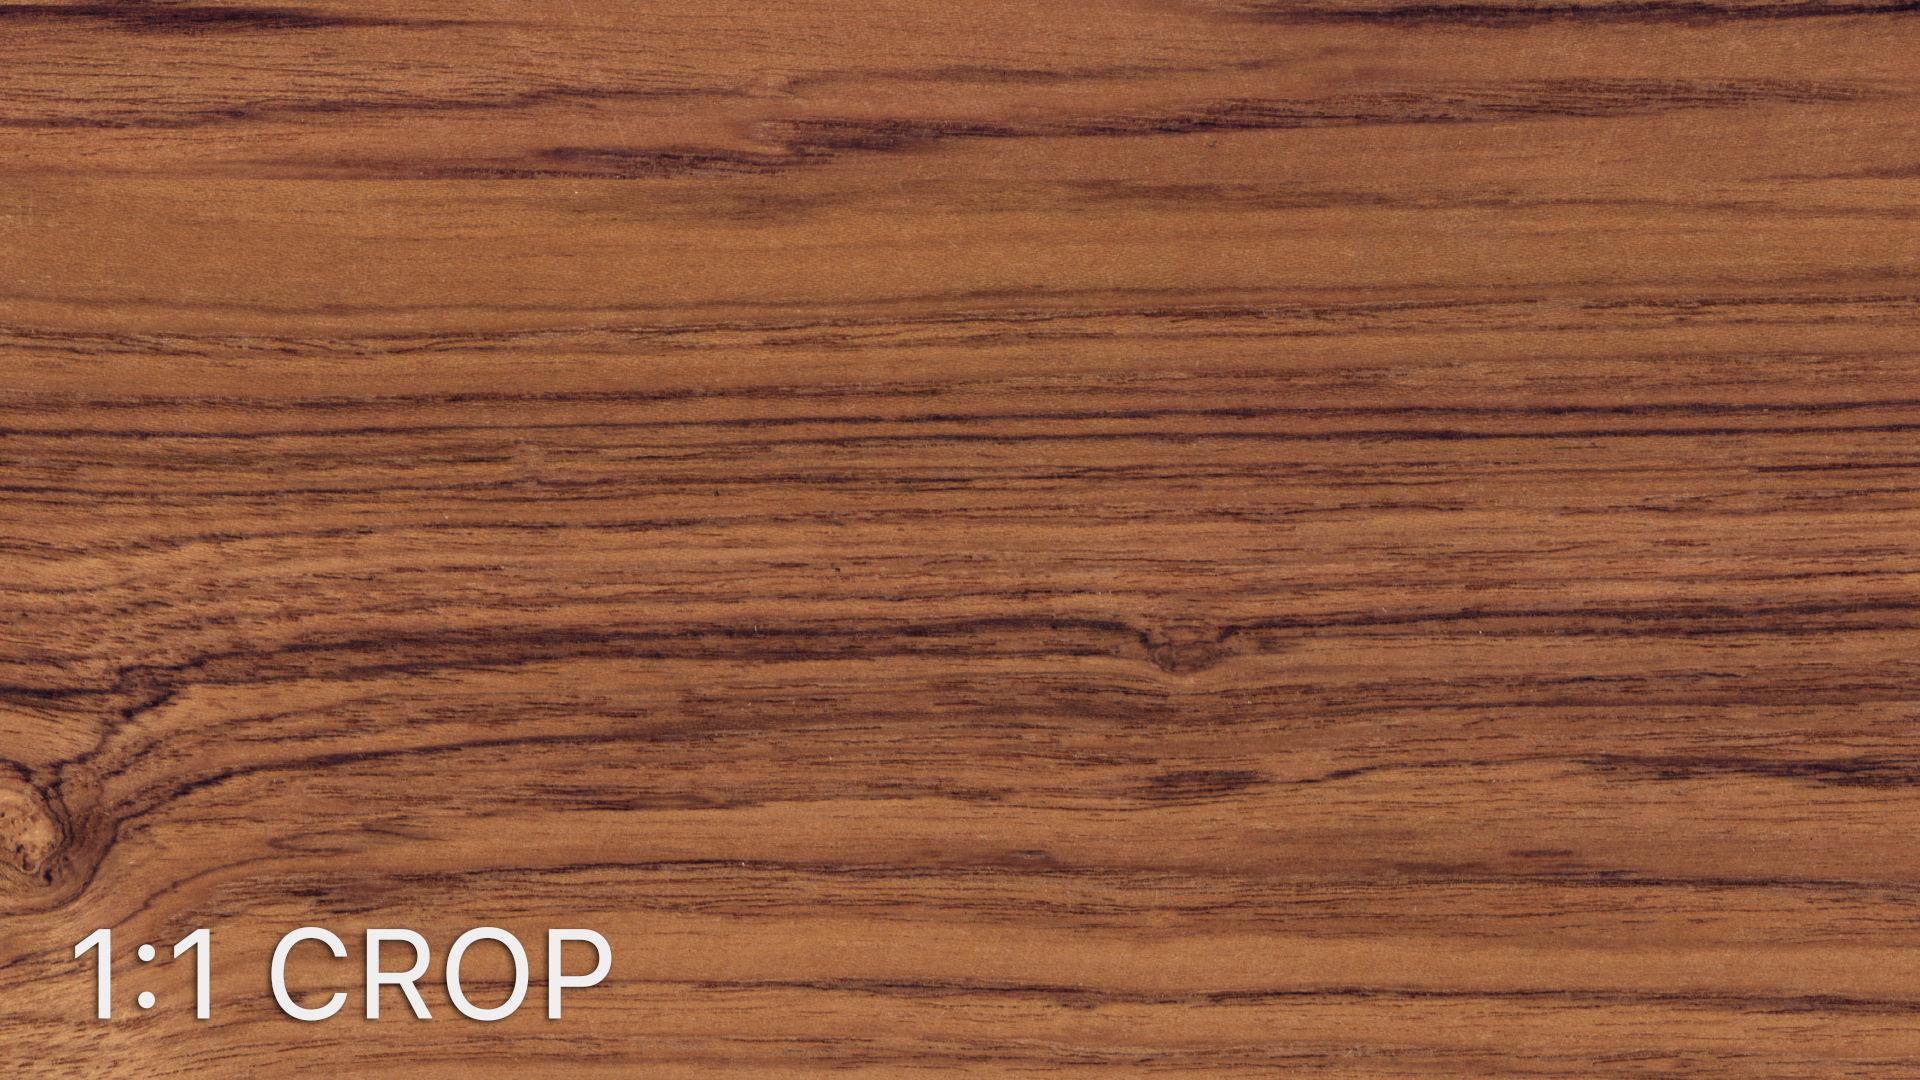 Teak wood veneer texture